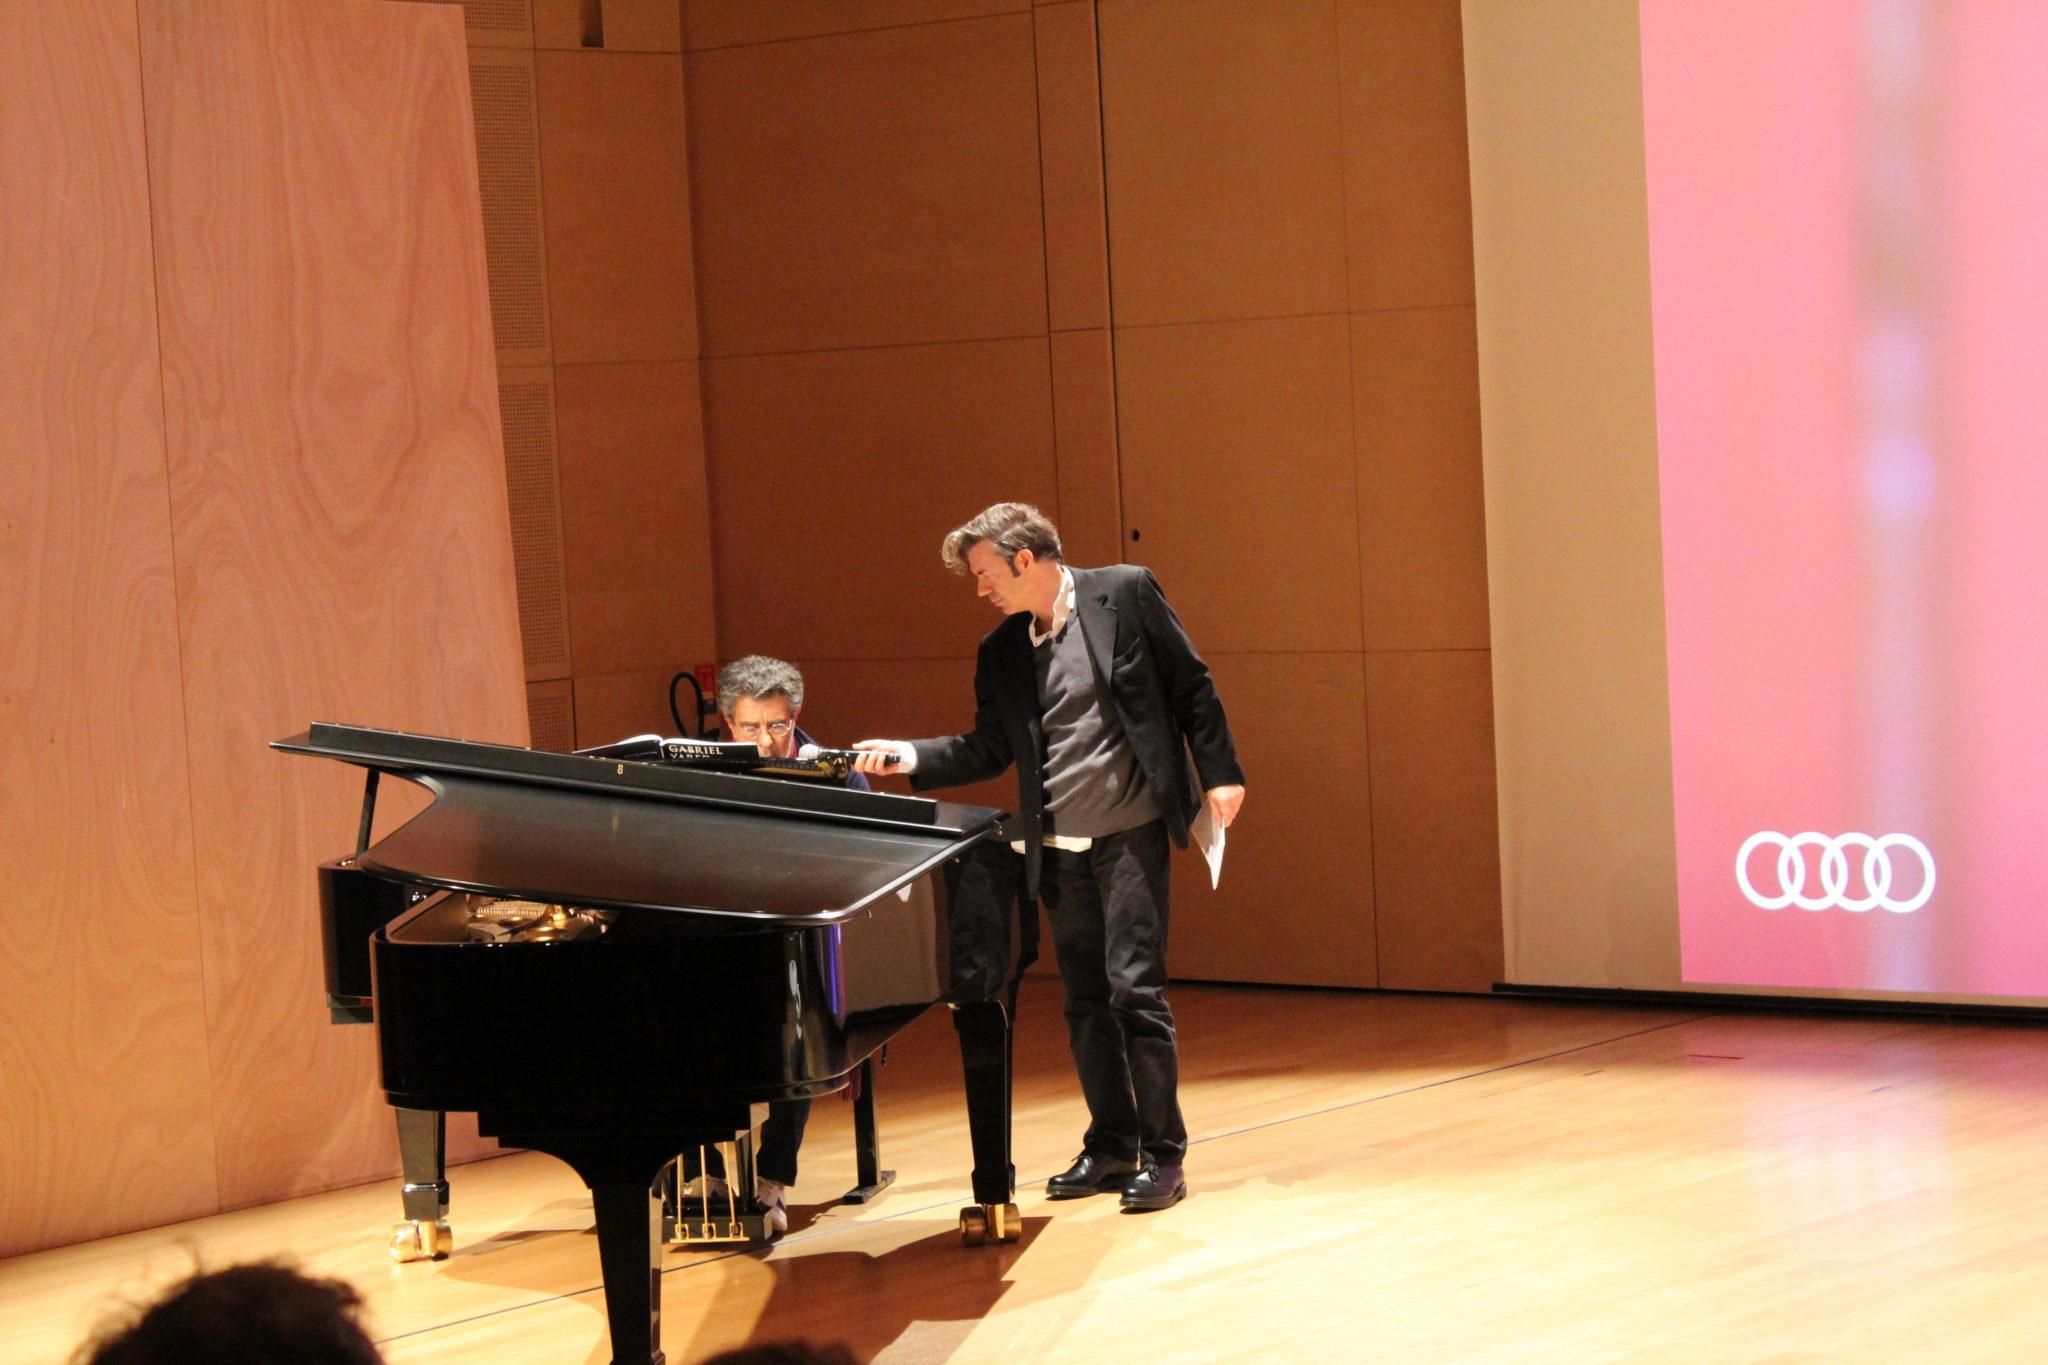 Gabriel Yared Philharmonie Rencontre autour d'un piano